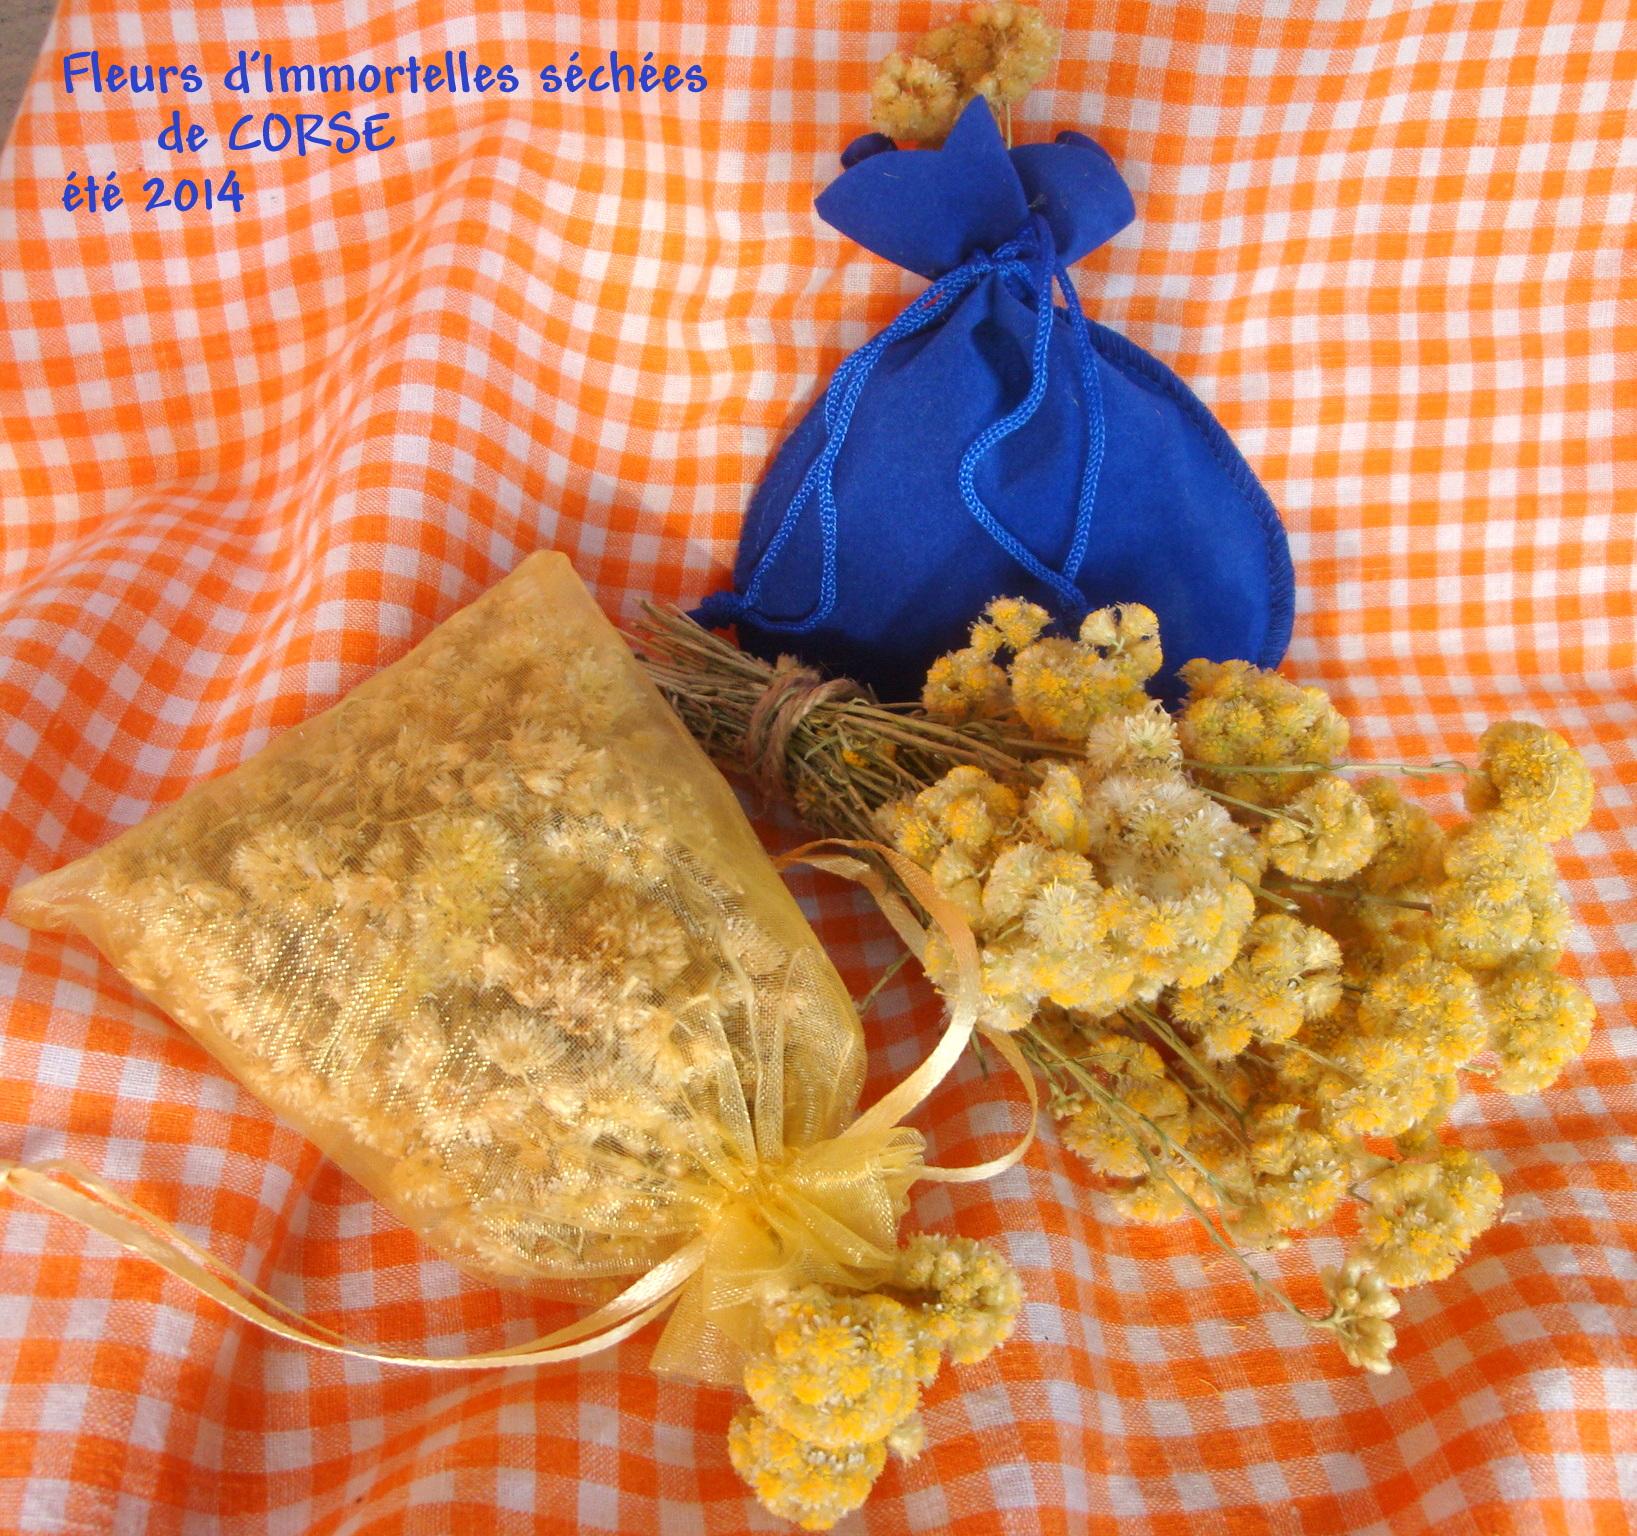 lot fleurs d 39 immortelle corse 1 bouquet sec 2 sachets senteur maquis artisanal. Black Bedroom Furniture Sets. Home Design Ideas